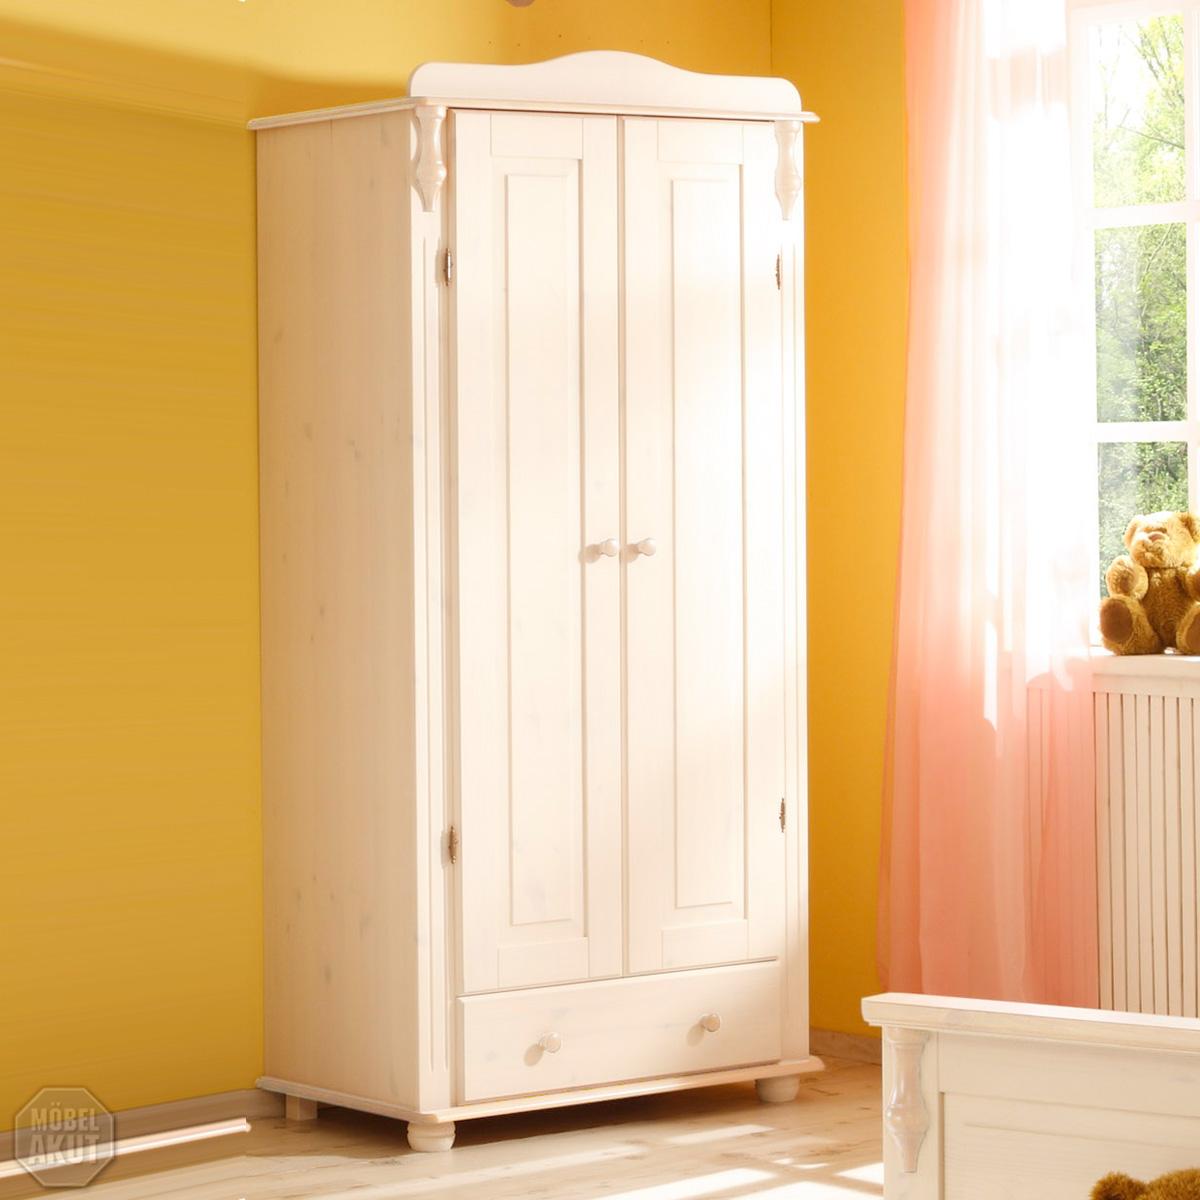 kleiderschrank lola schrank kiefer massiv wei neu ebay. Black Bedroom Furniture Sets. Home Design Ideas